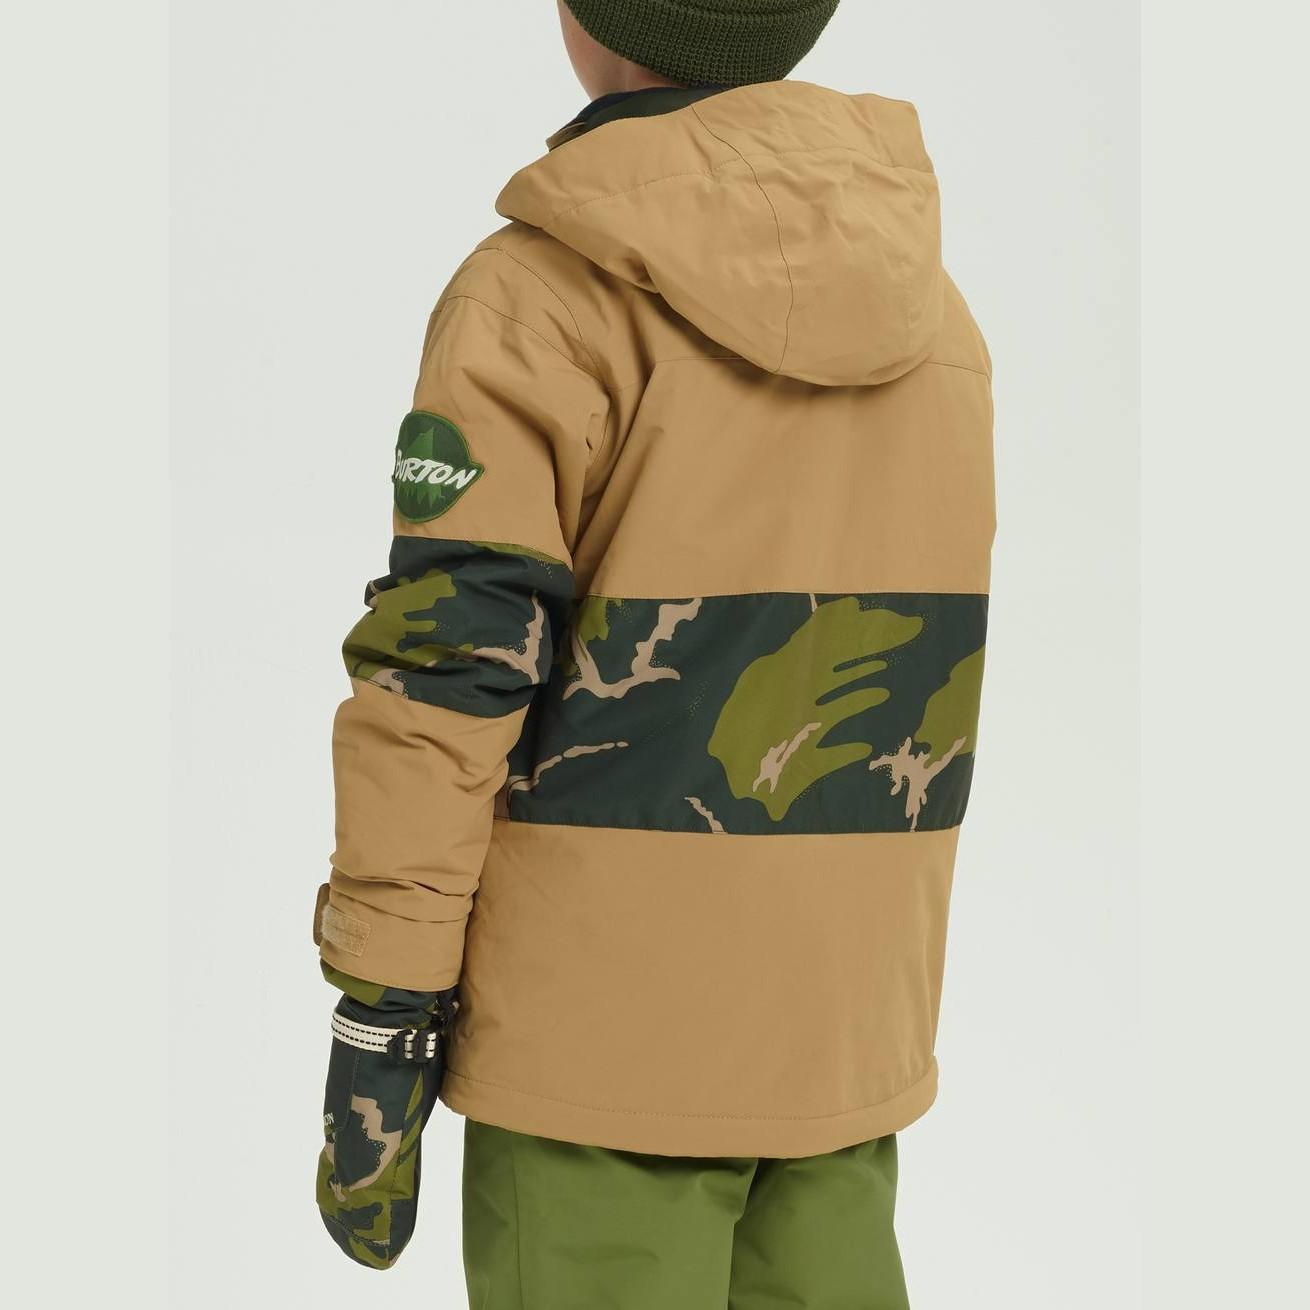 0a4626399ffe Display Gallery Item 1 · Chaqueta de snowboard Burton Boys Symbol Jacket  Kelp Mtn Camo-1 Display Gallery Item 2 ...